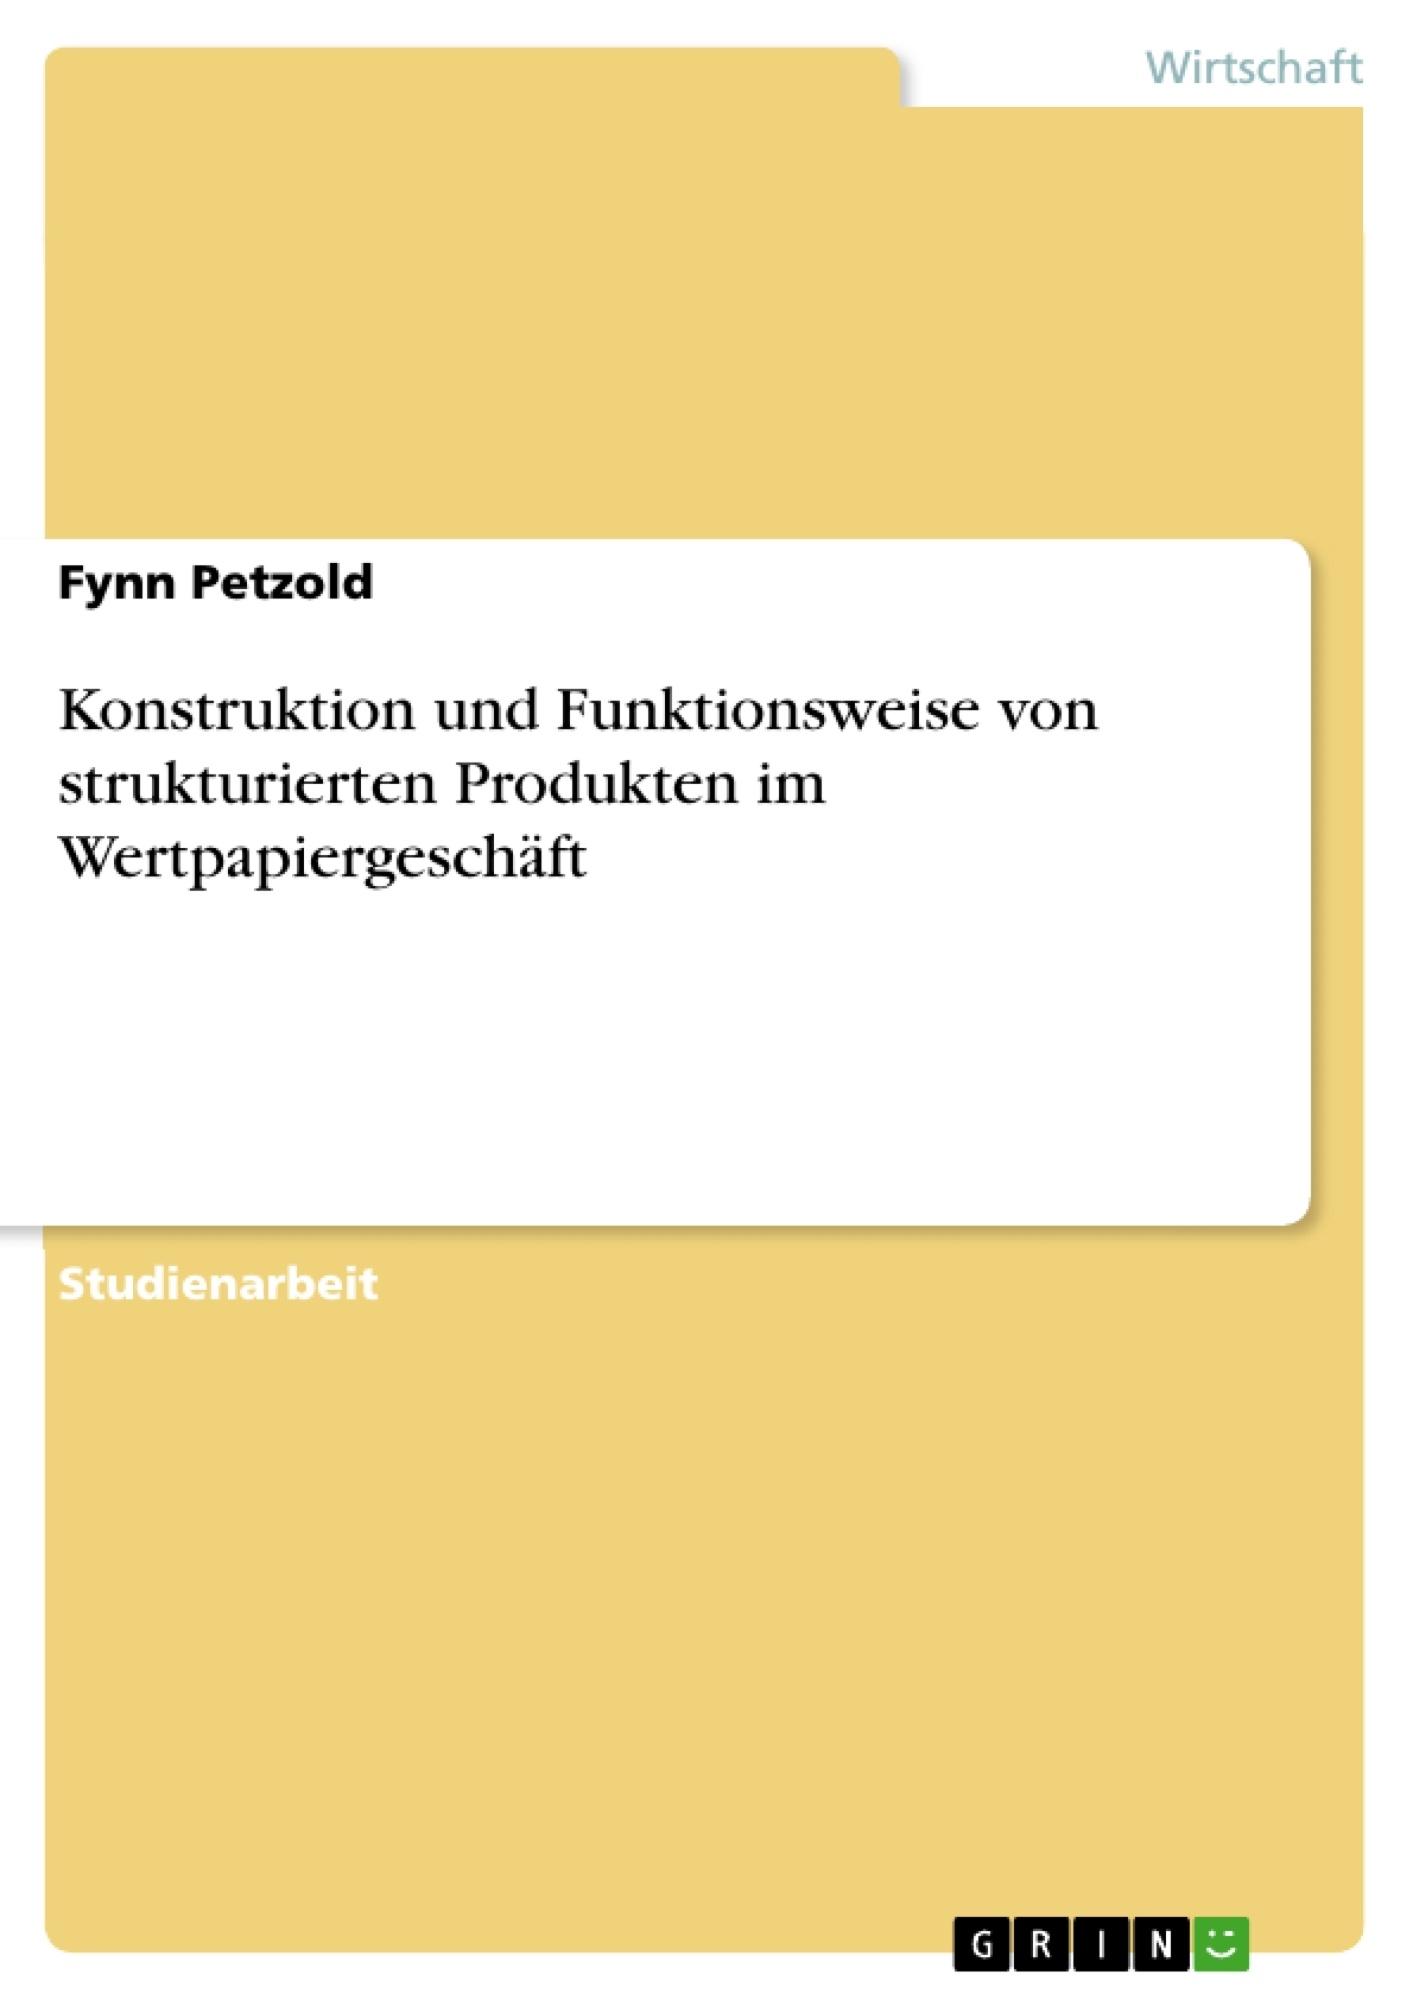 Titel: Konstruktion und Funktionsweise von strukturierten Produkten im Wertpapiergeschäft